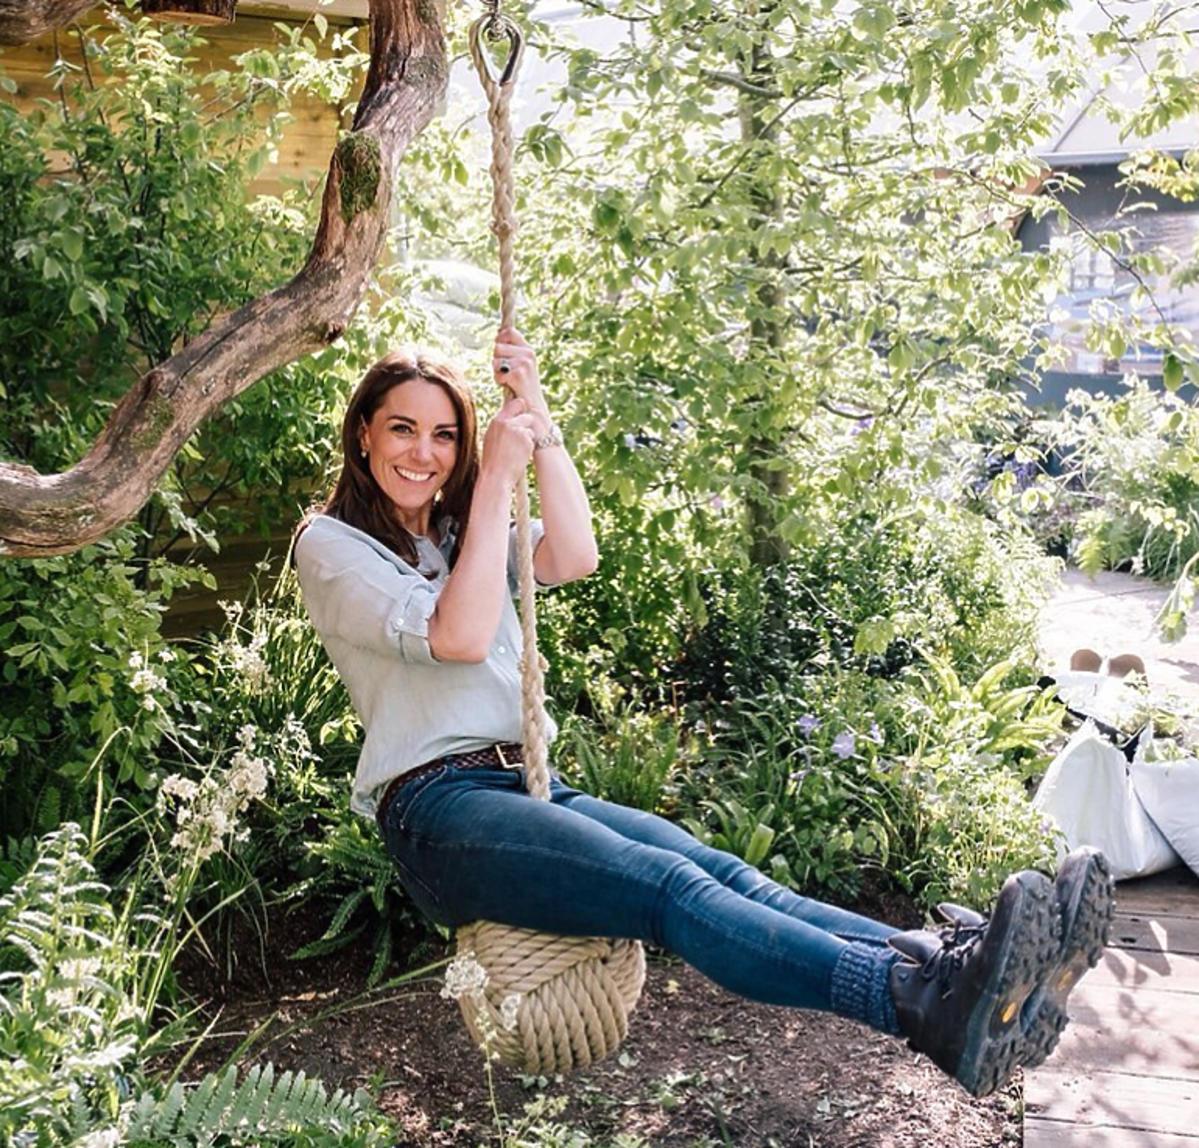 Księżna Kate w sesji w ogrodzie